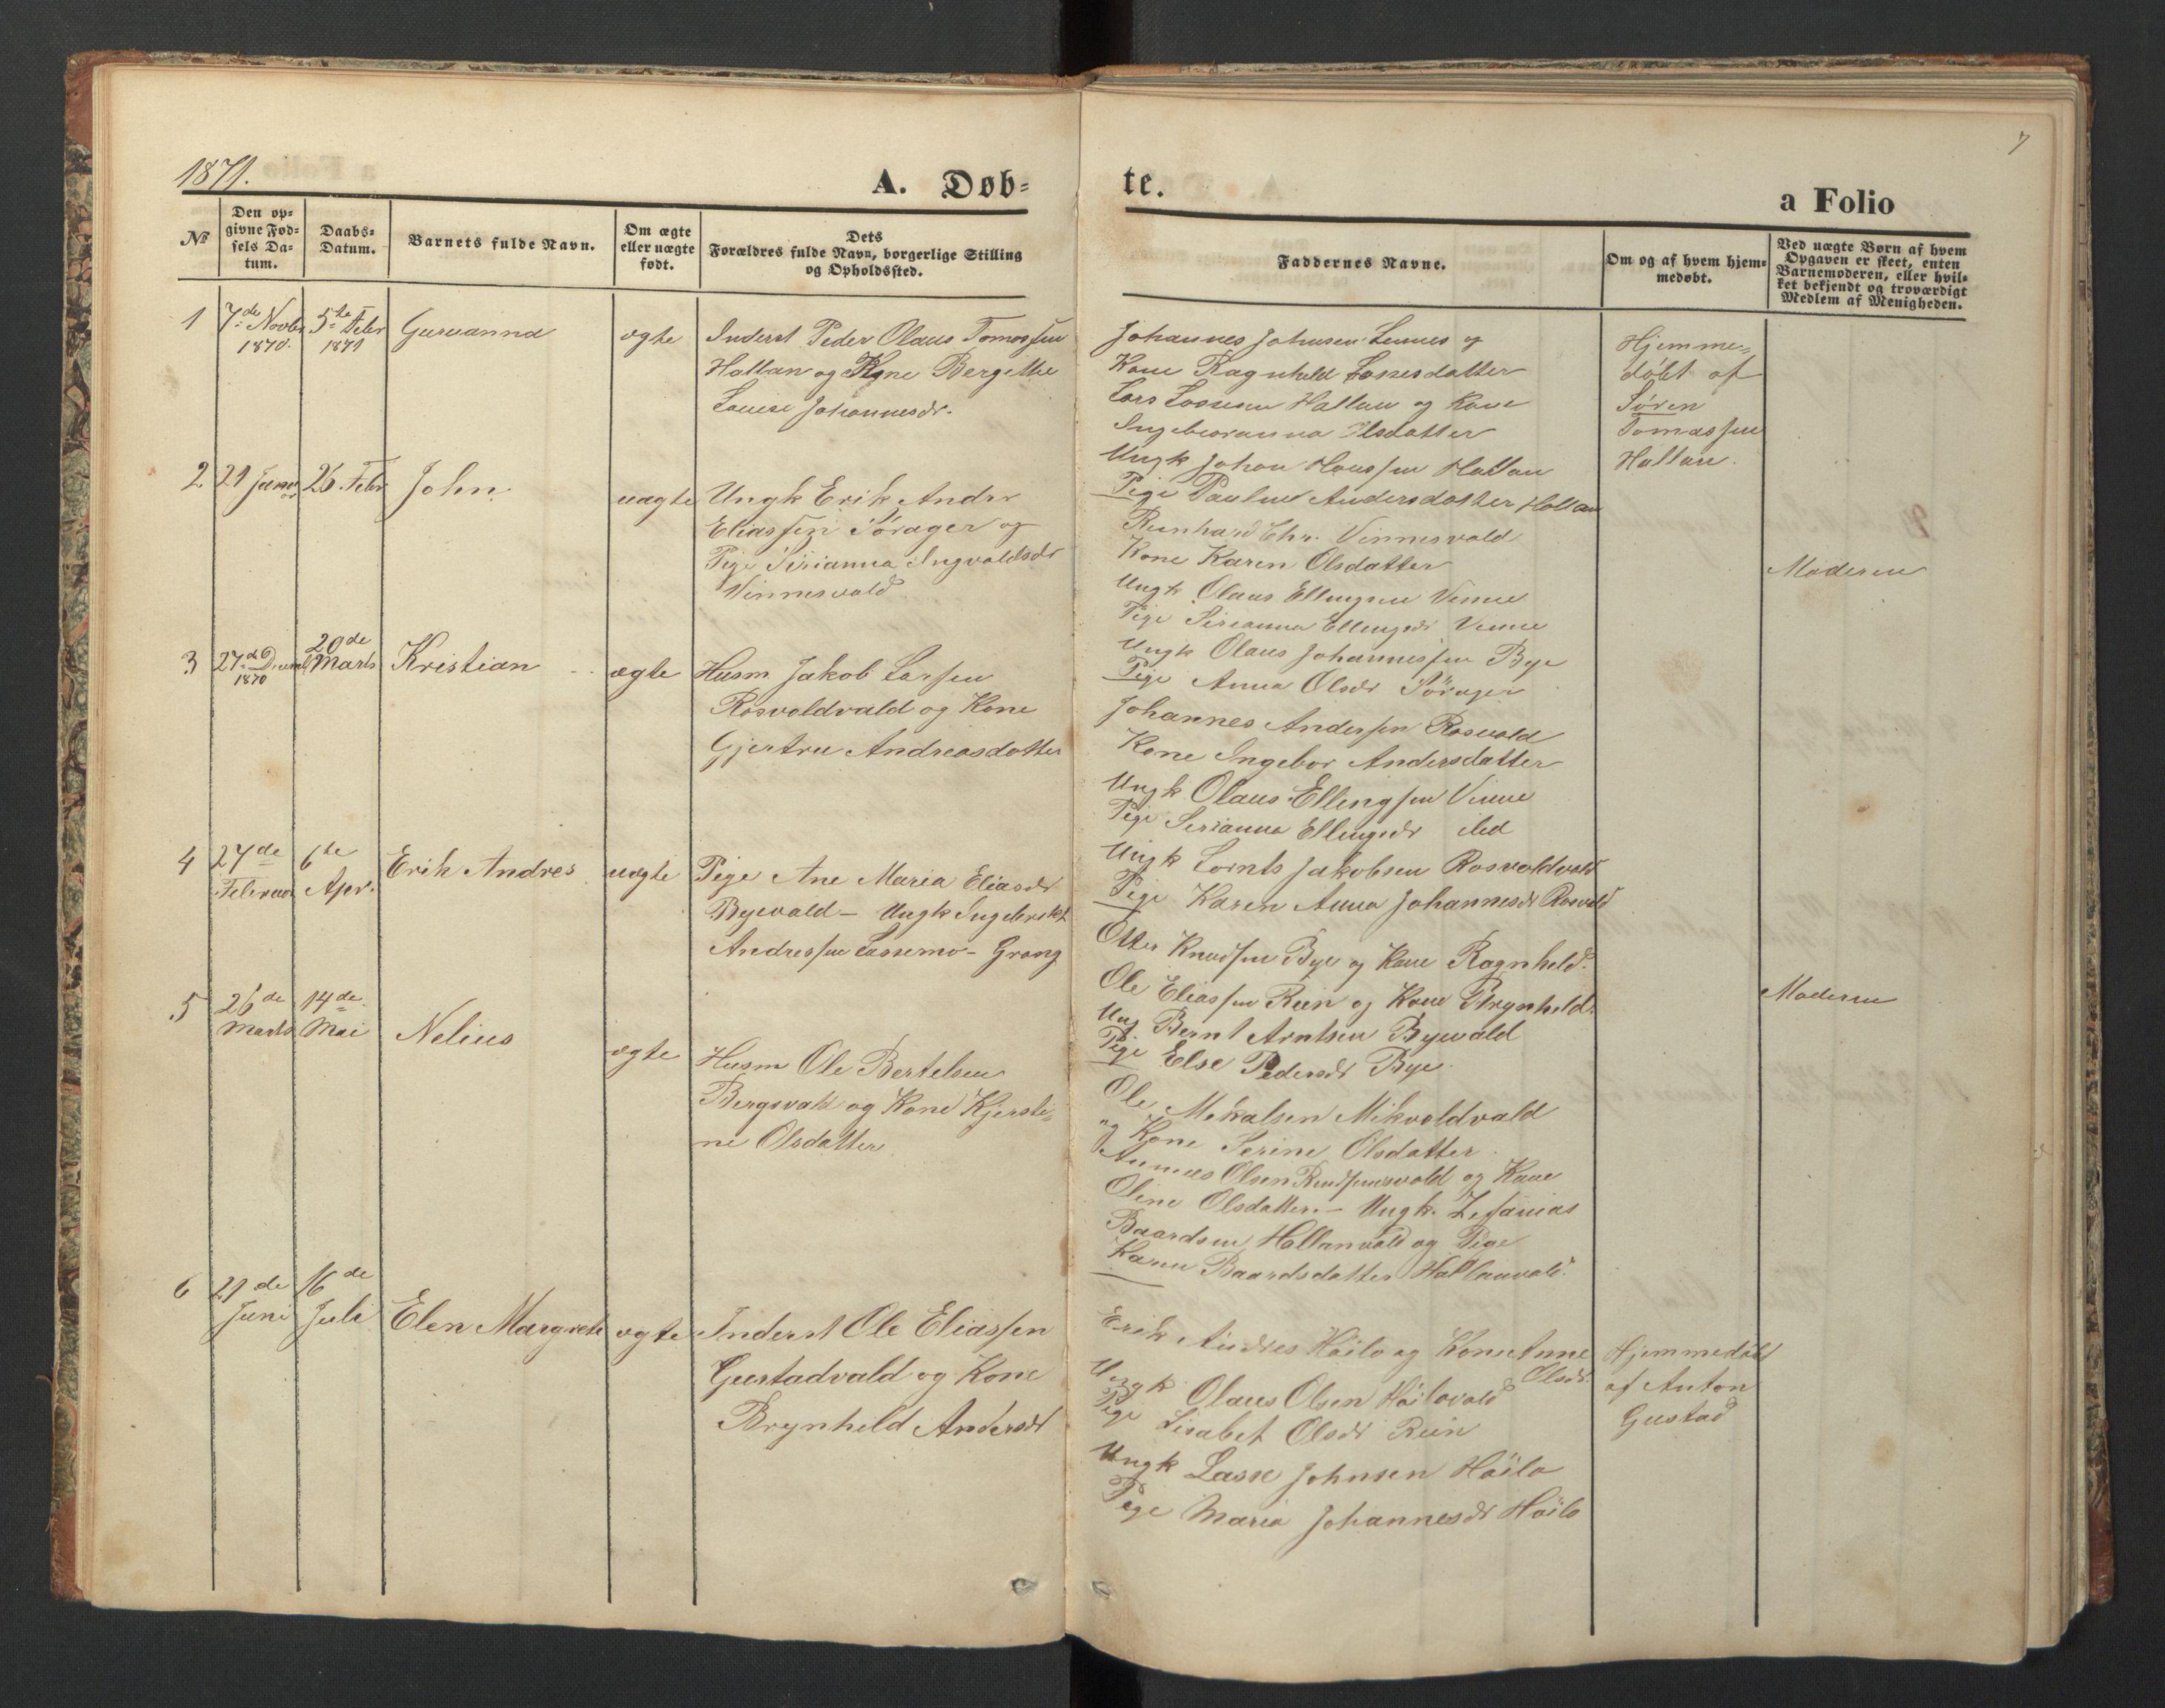 SAT, Ministerialprotokoller, klokkerbøker og fødselsregistre - Nord-Trøndelag, 726/L0271: Klokkerbok nr. 726C02, 1869-1897, s. 7